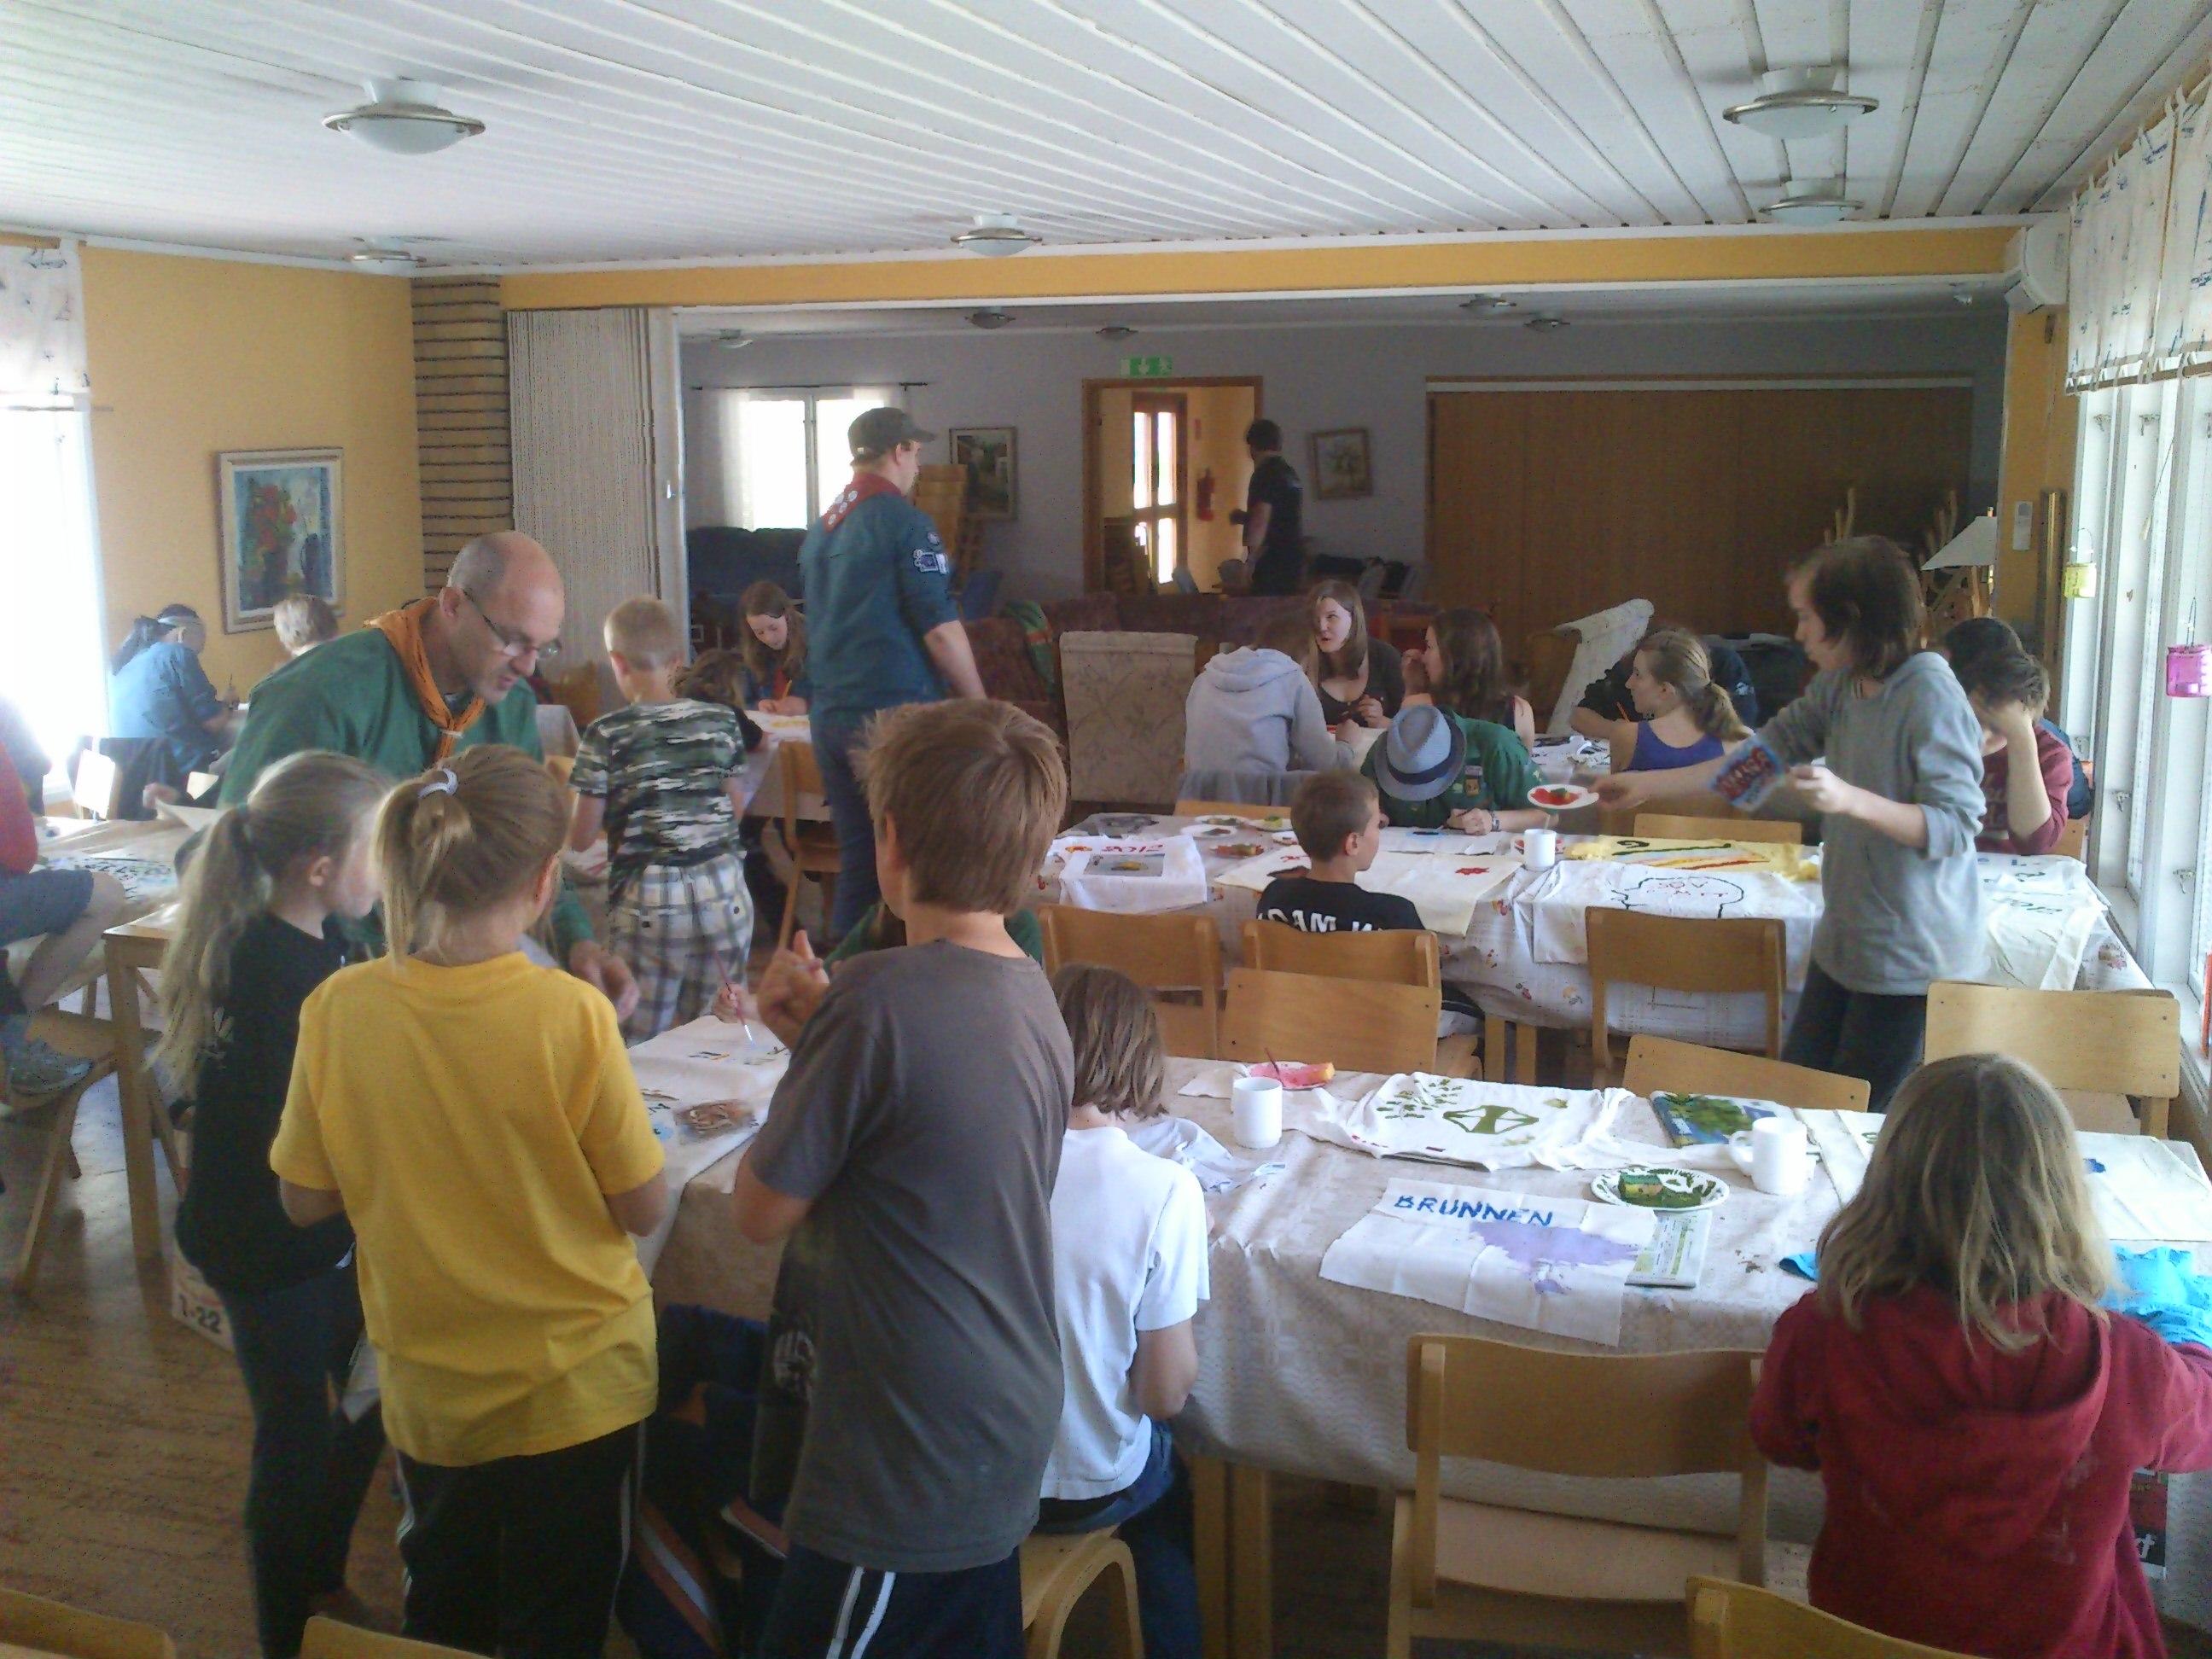 Sundsviksgården Uddevalla kursgård